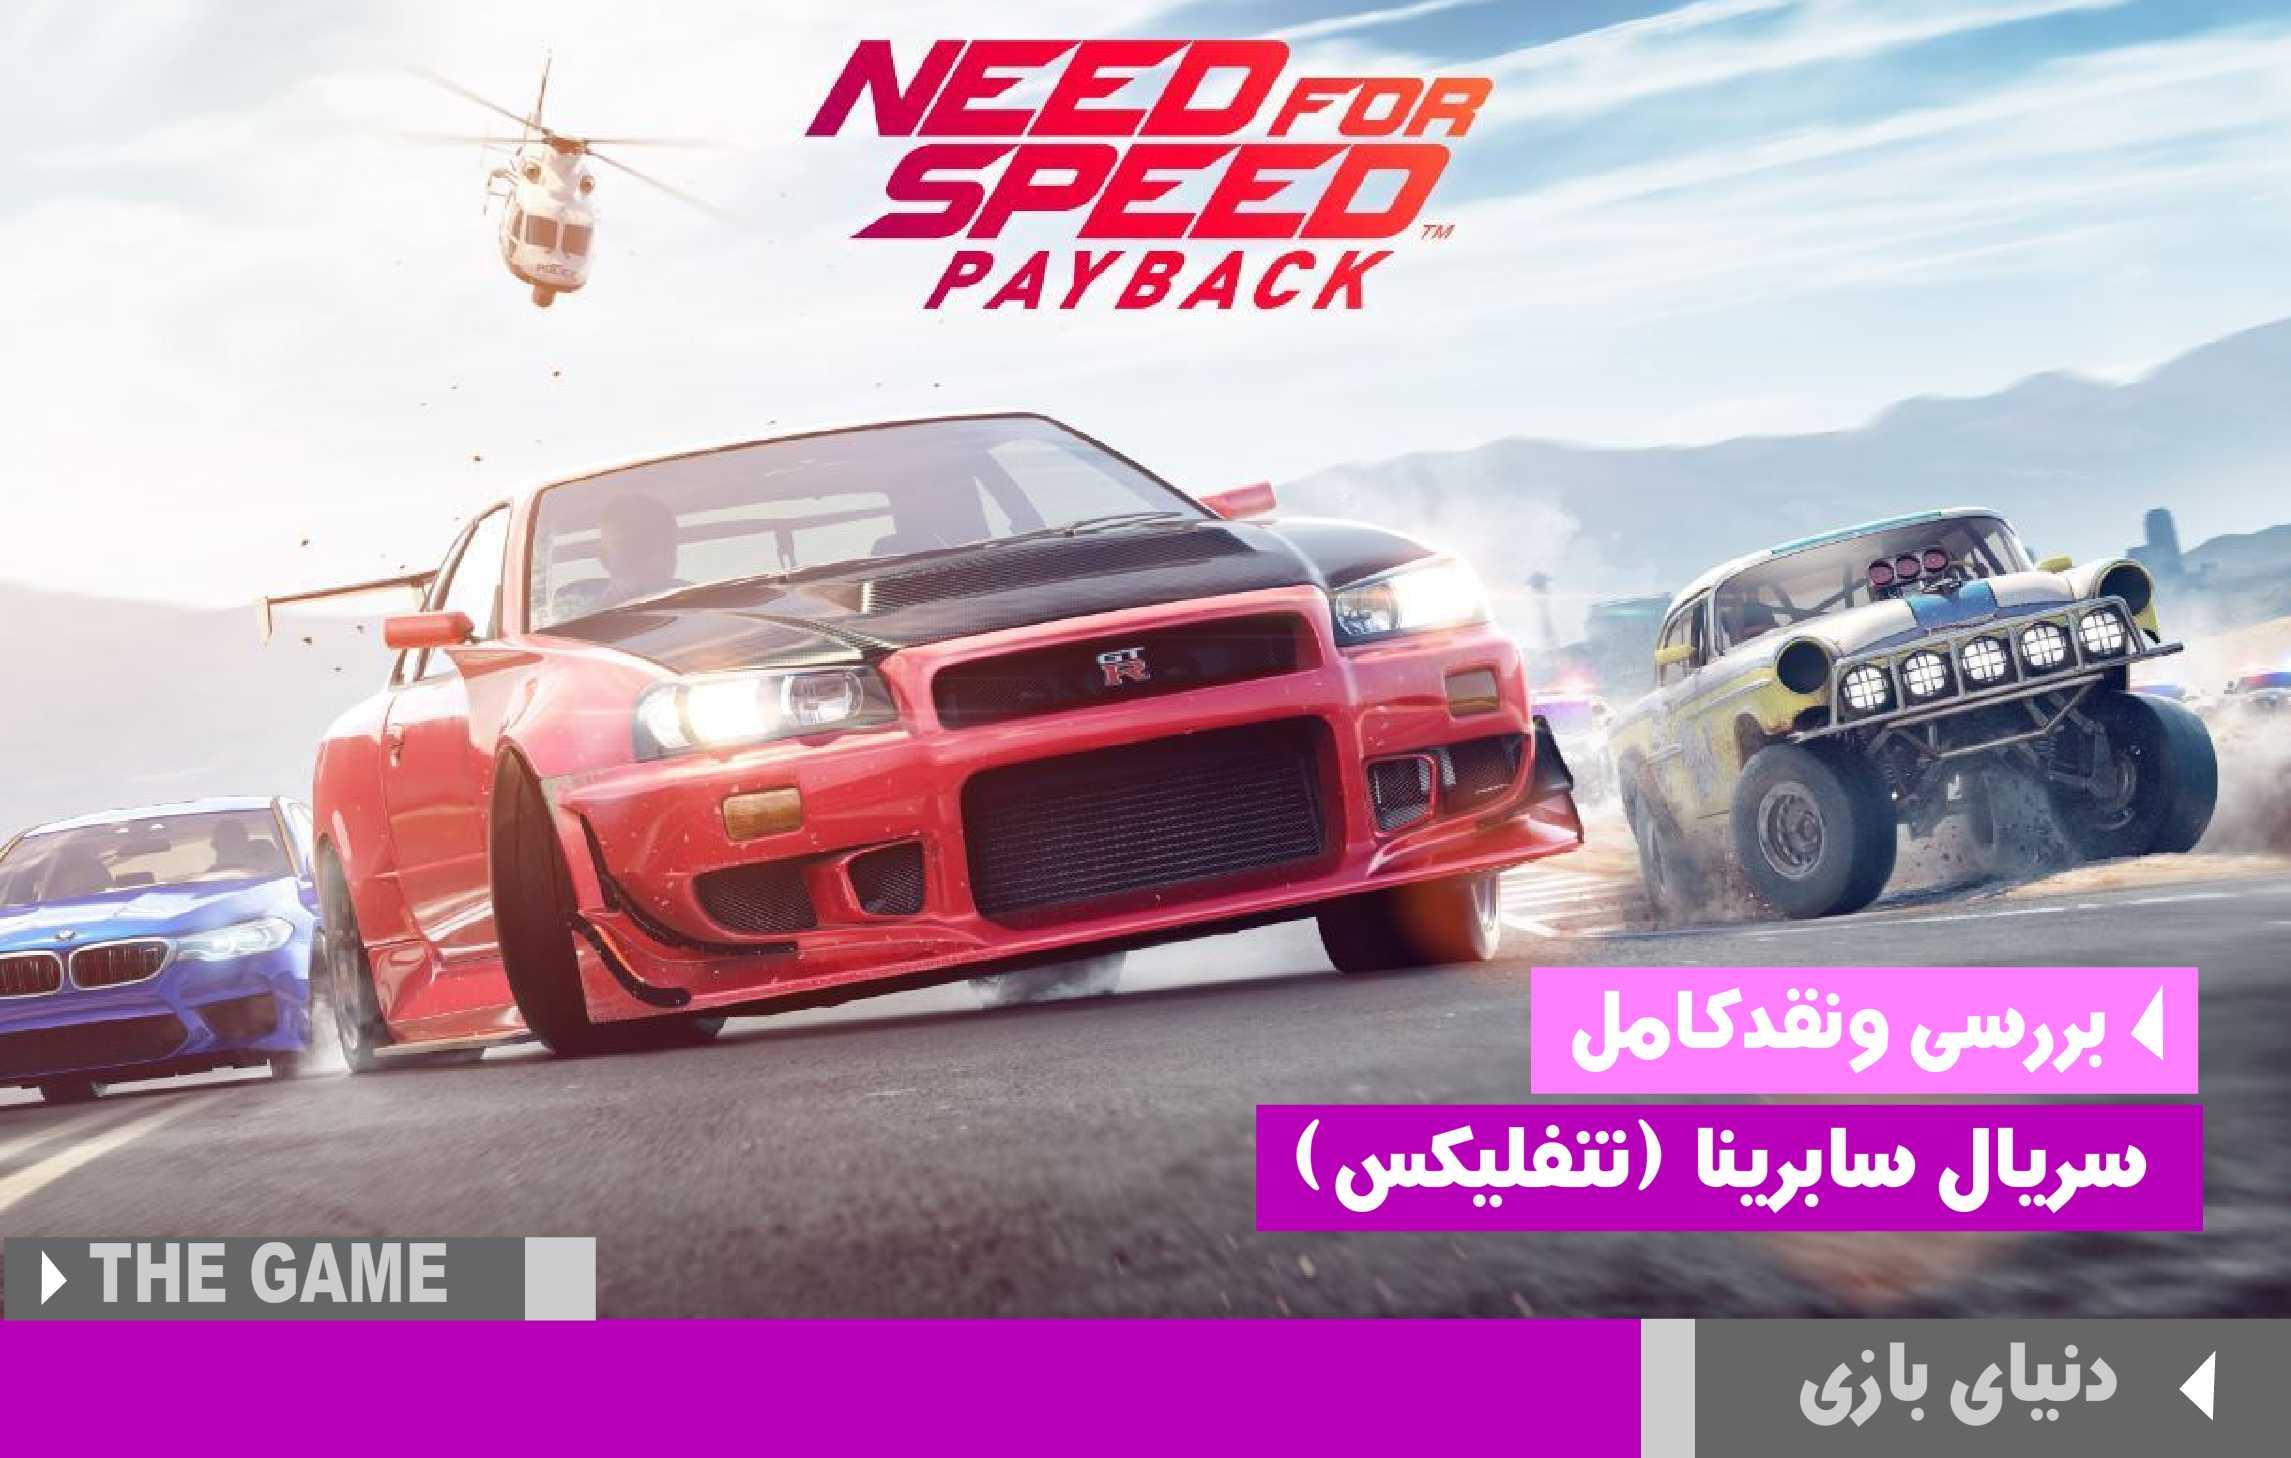 بررسی و نقد بازی نید فور اسپید پای بک (Need for Speed Payback)